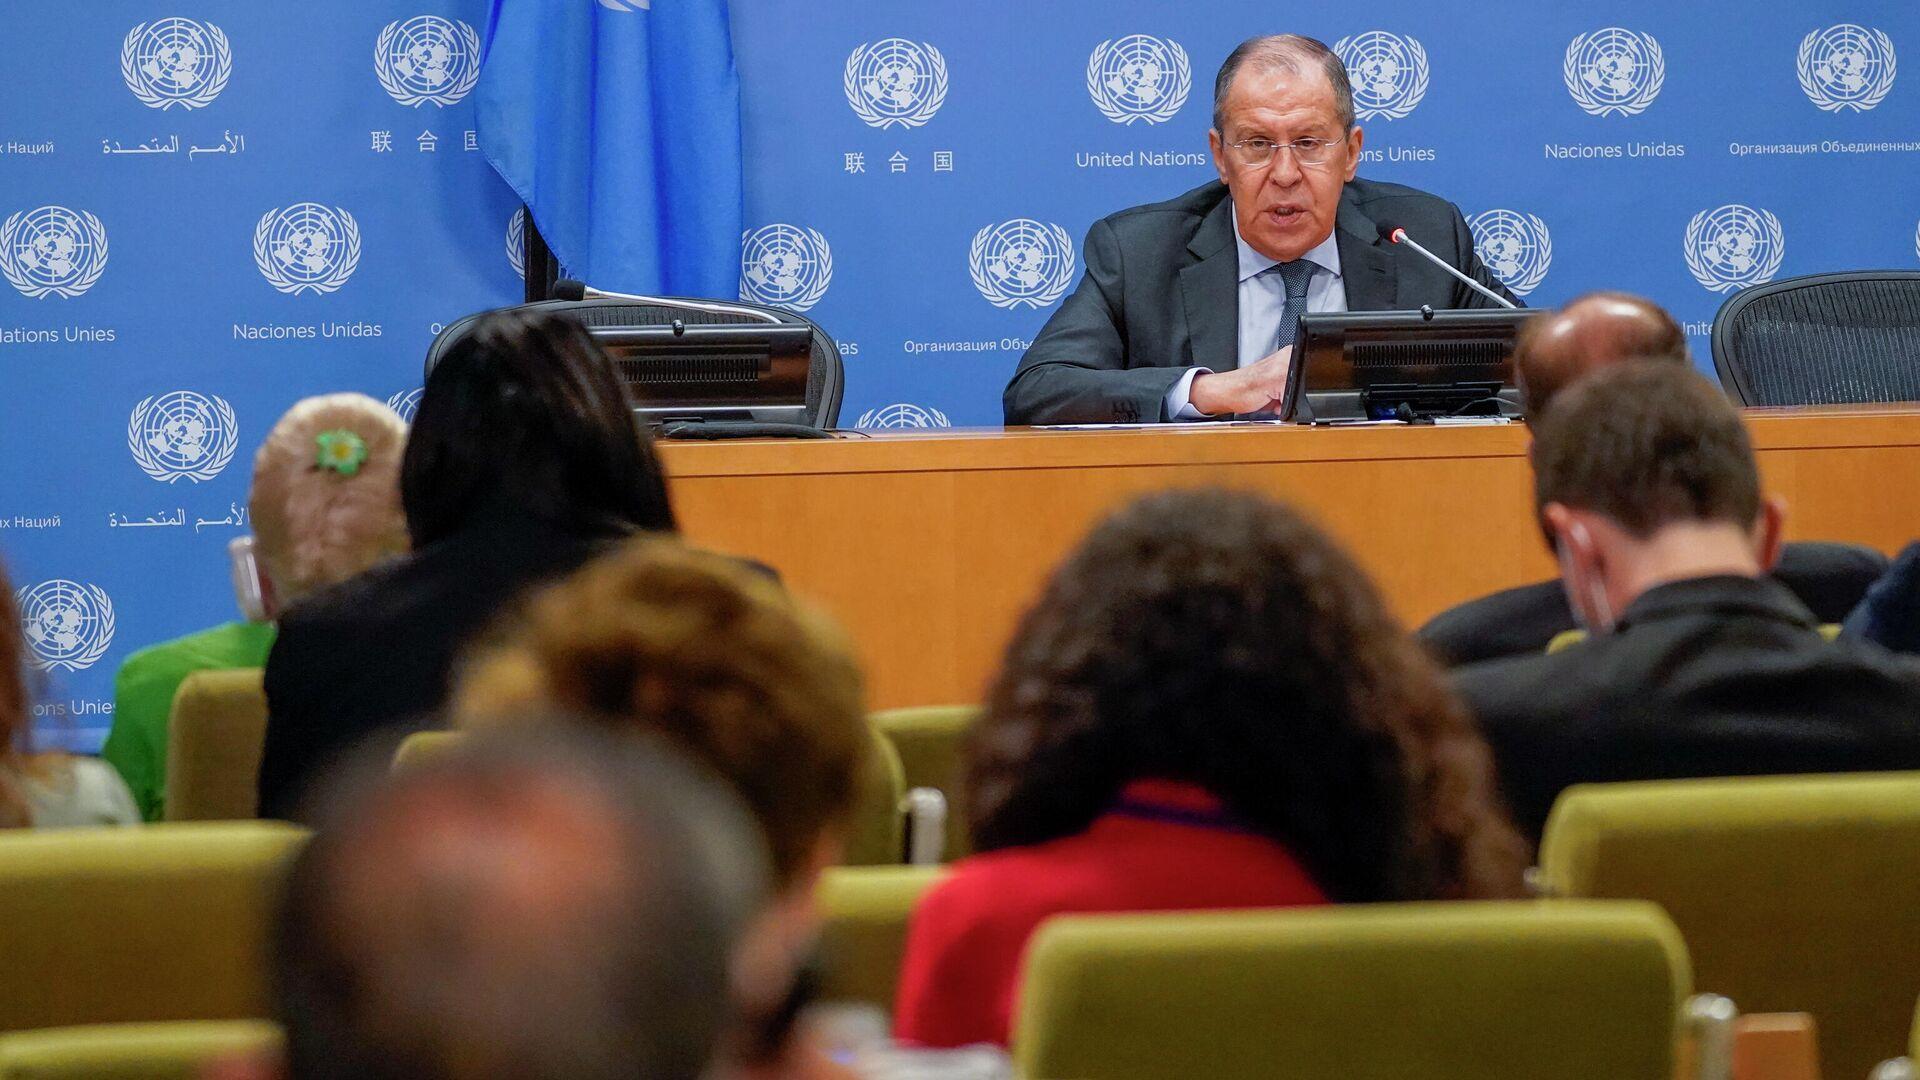 Министр иностранных дел России Сергей Лавров выступает перед журналистами во время пресс-конференции на 76-й сессии Генеральной Ассамблеи ООН - РИА Новости, 1920, 25.09.2021